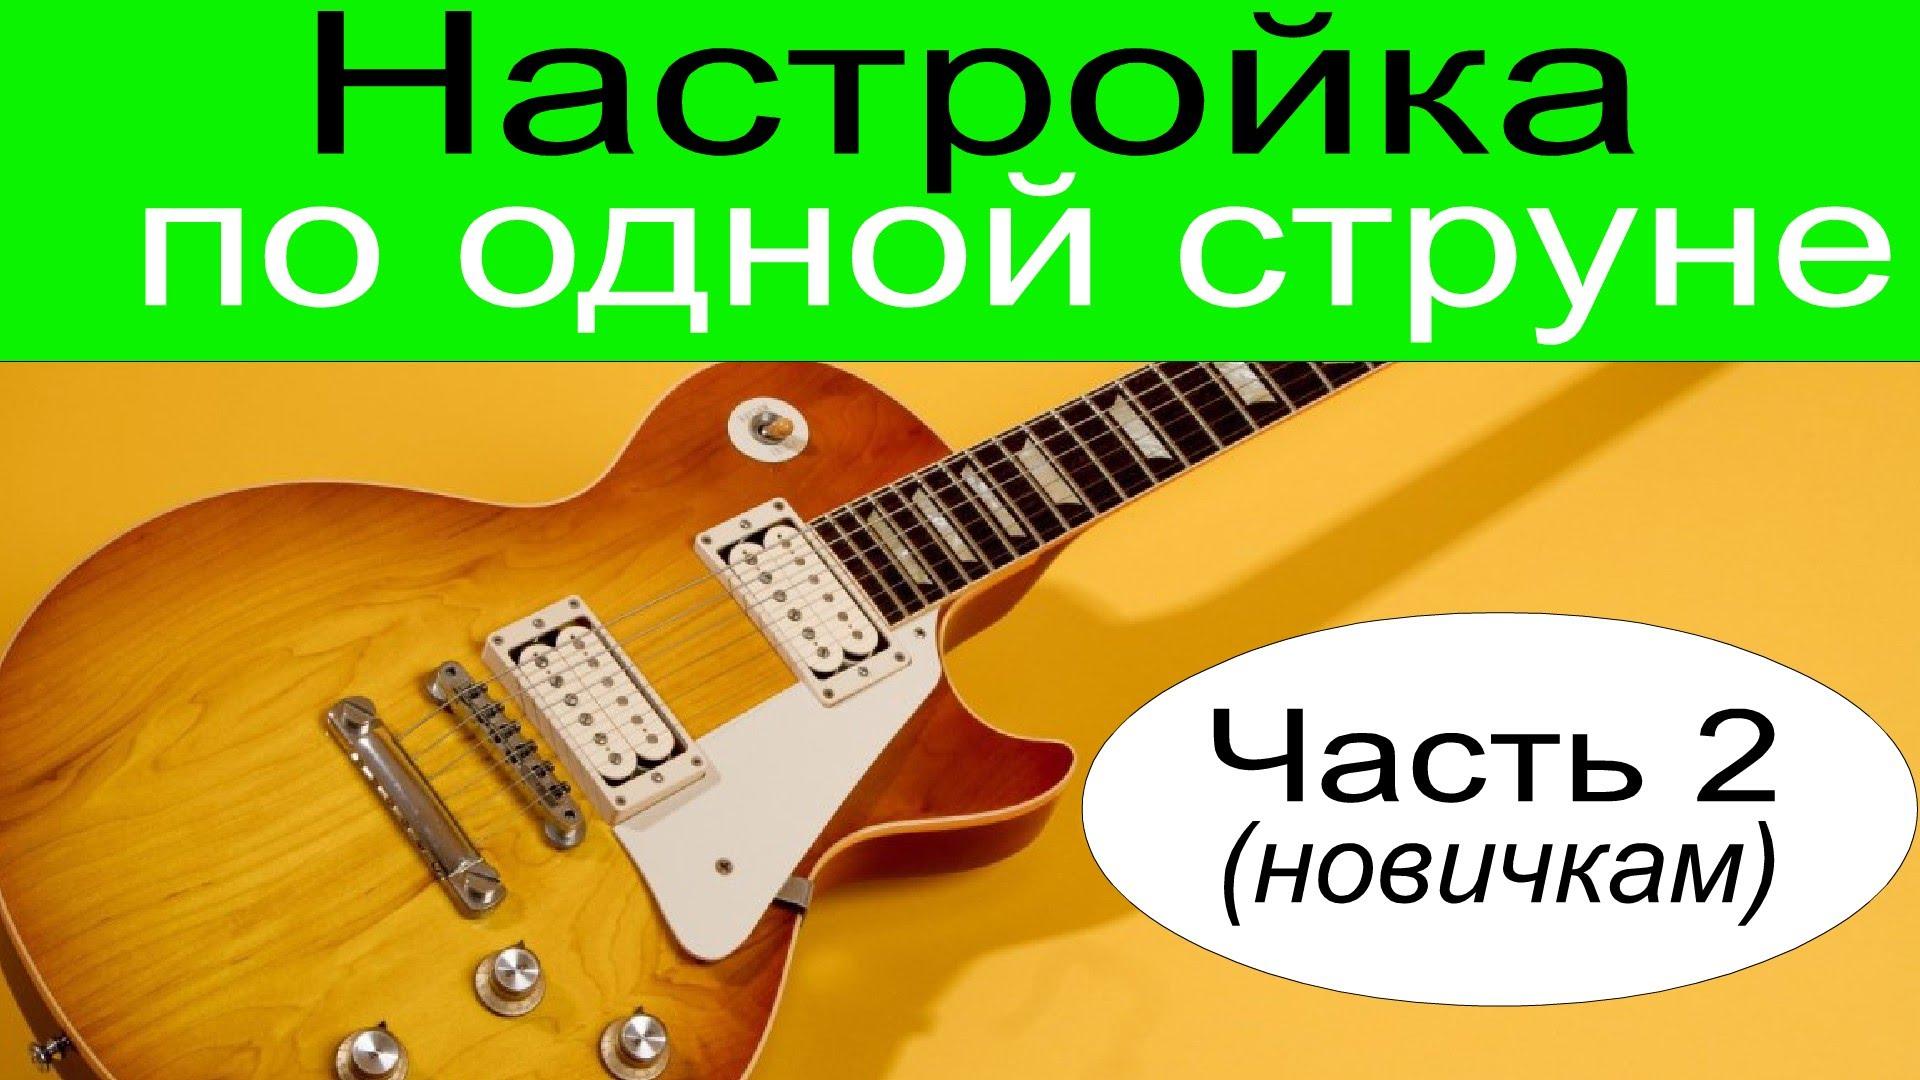 Настройка гитары для начинающих. Часть 2. По одной струне